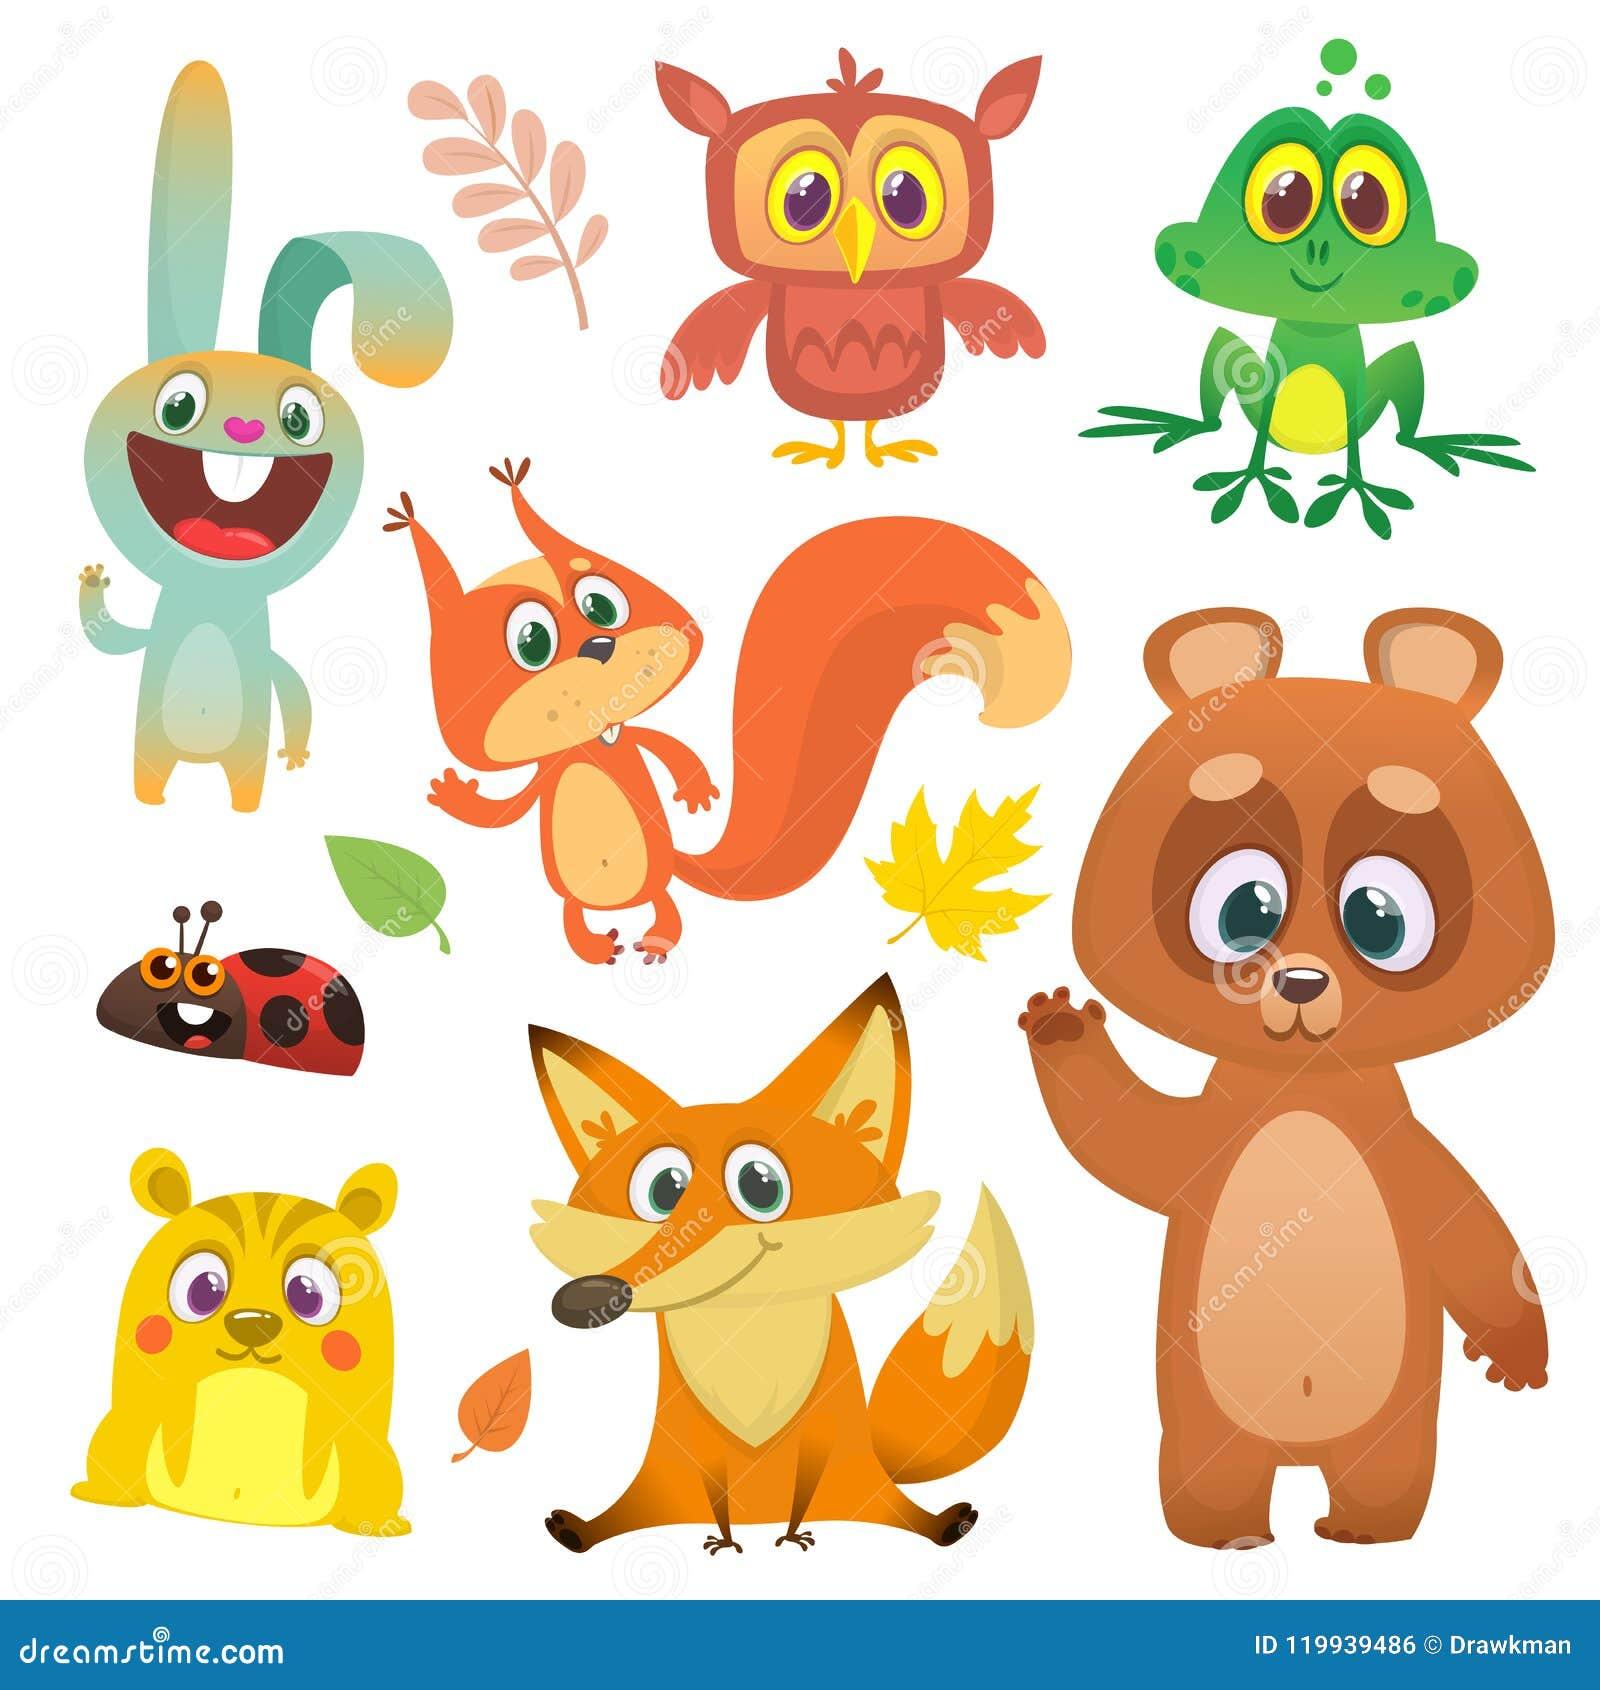 Bear Ladybug Stock Illustrations 829 Bear Ladybug Stock Illustrations Vectors Clipart Dreamstime